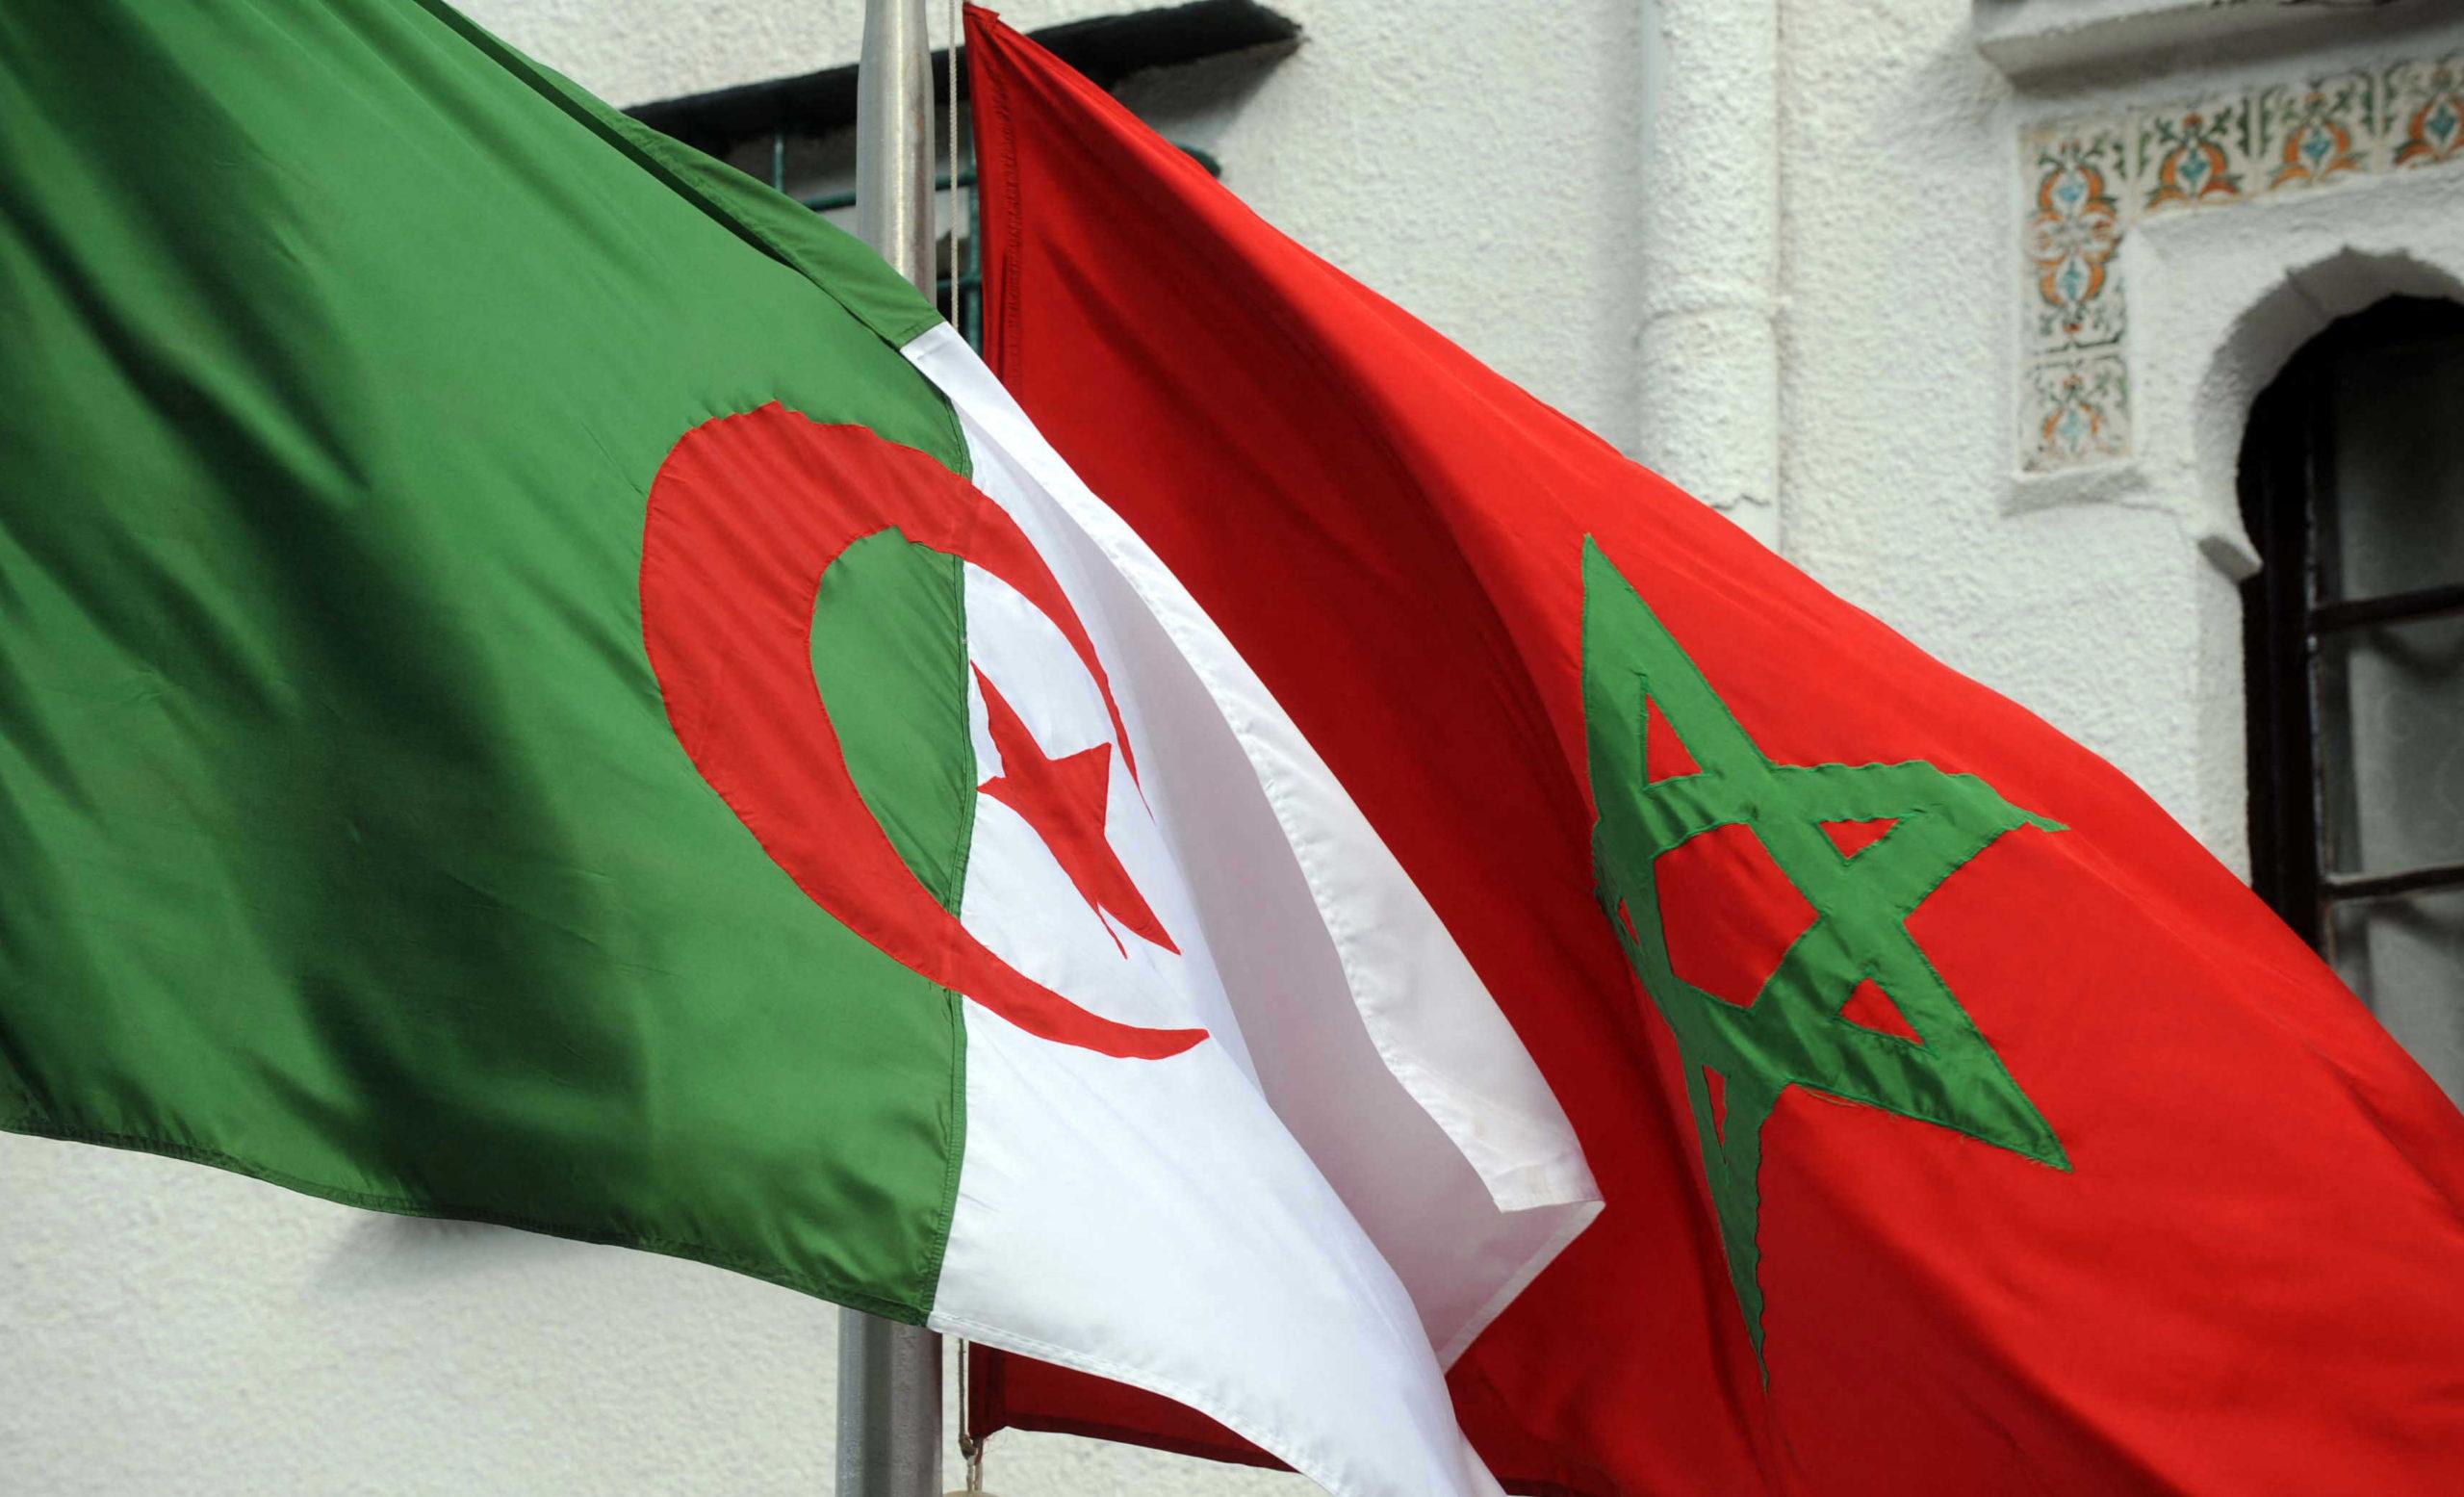 قضية تجسس المغرب تتصاعد.. هل تتحرّك الجزائر؟